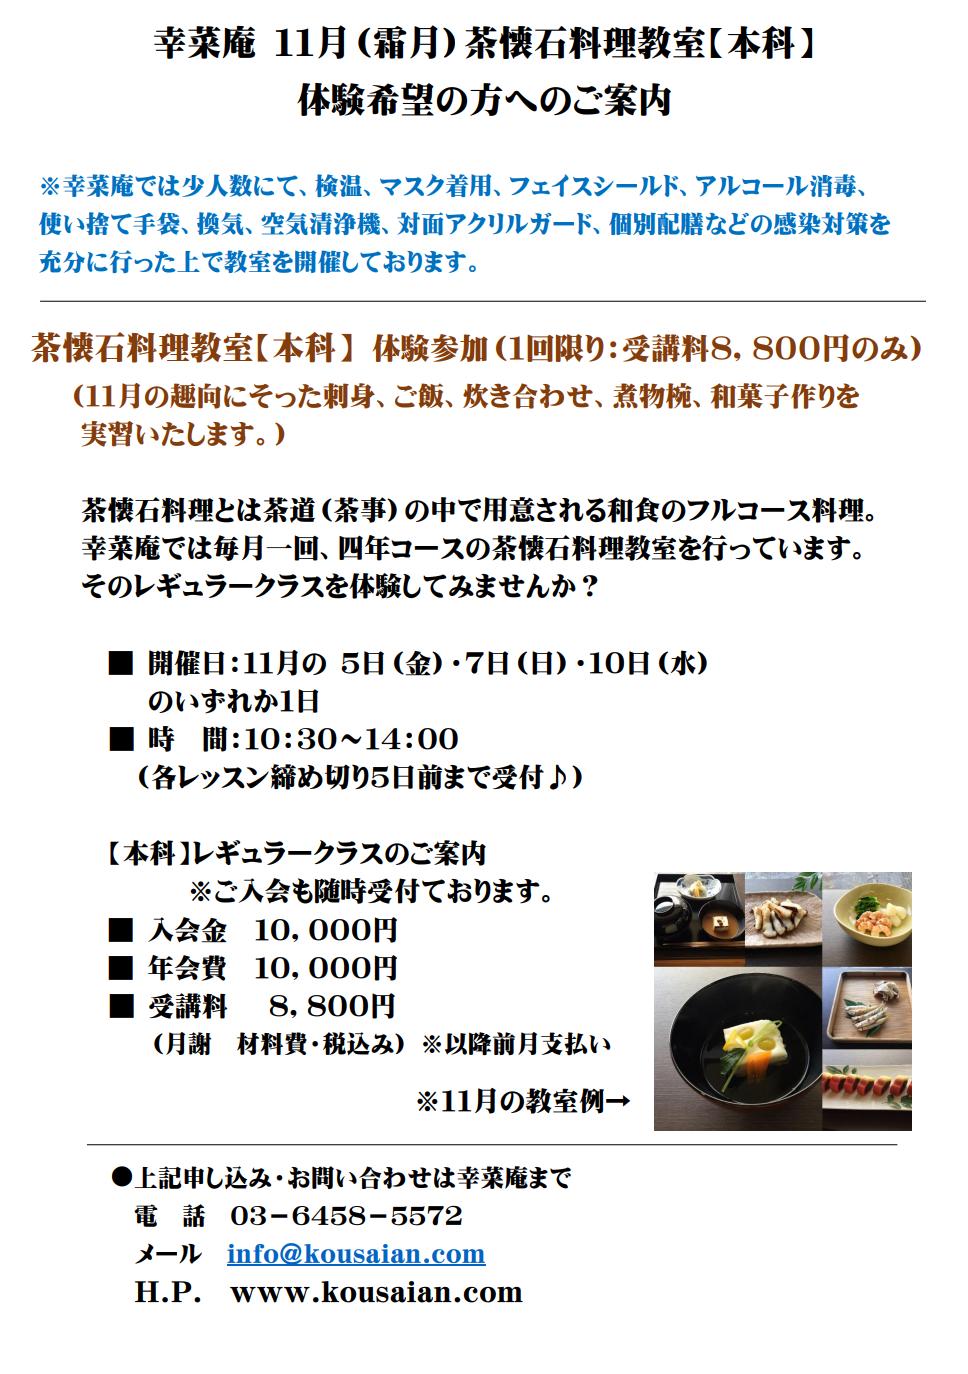 11月(霜月)幸菜庵 茶懐石料理教室の体験参加ご案内